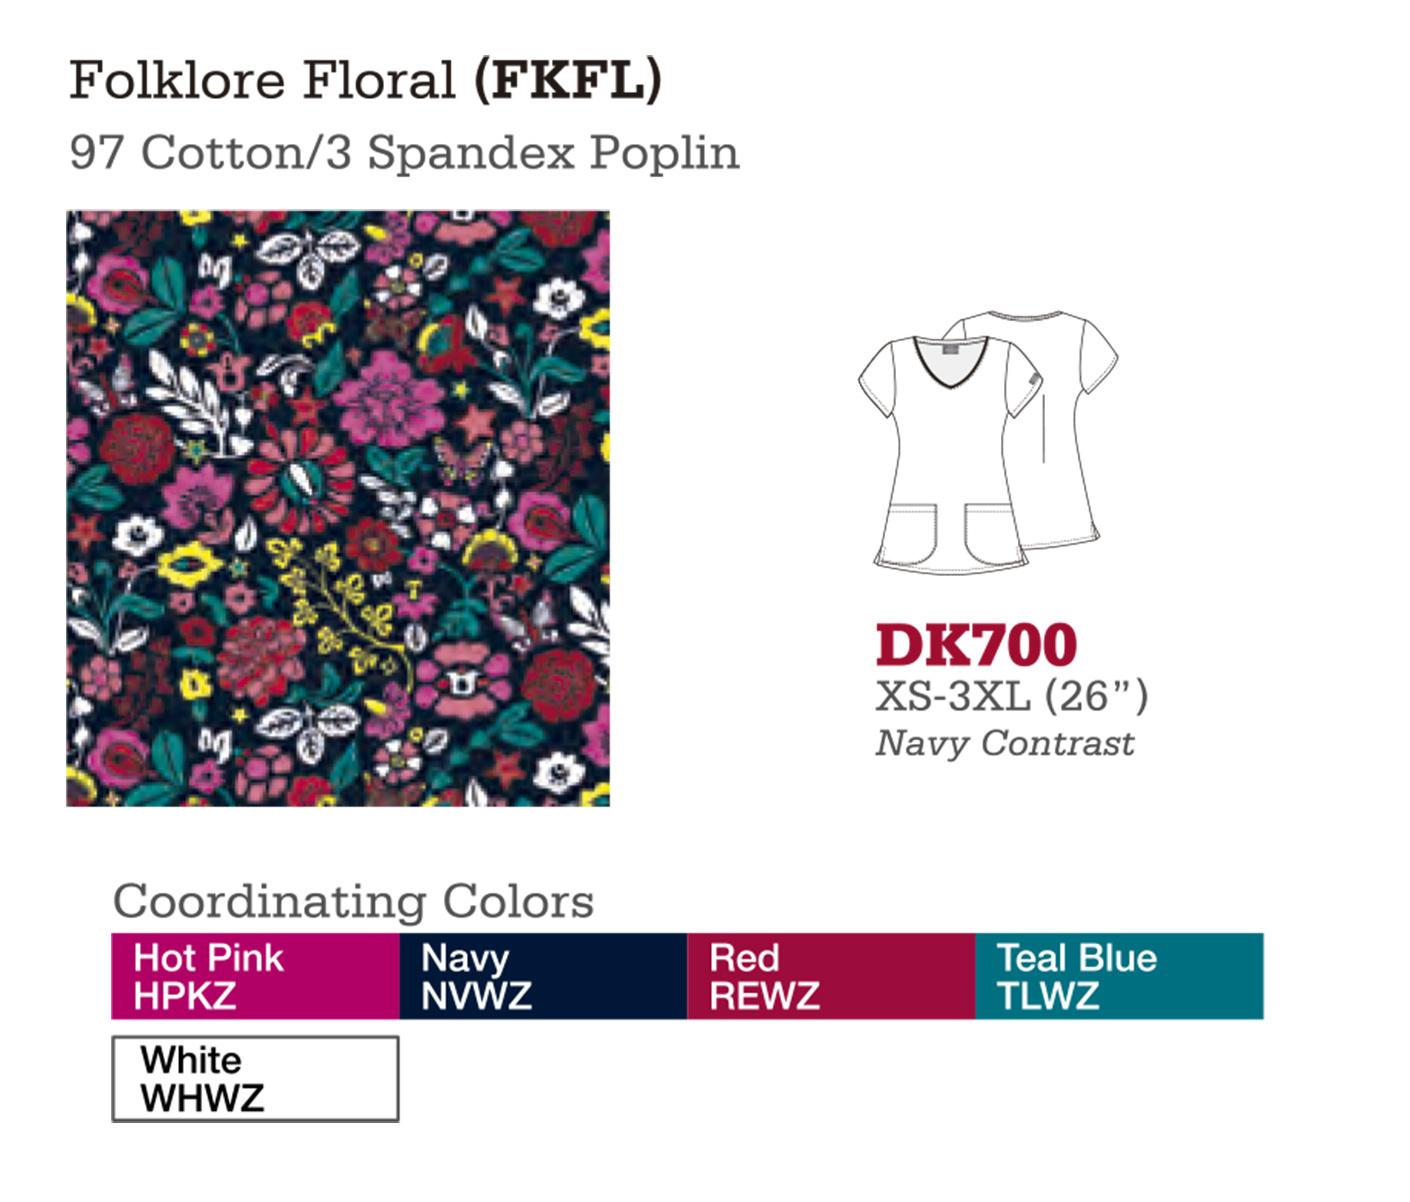 Folklore Floral. DK700.